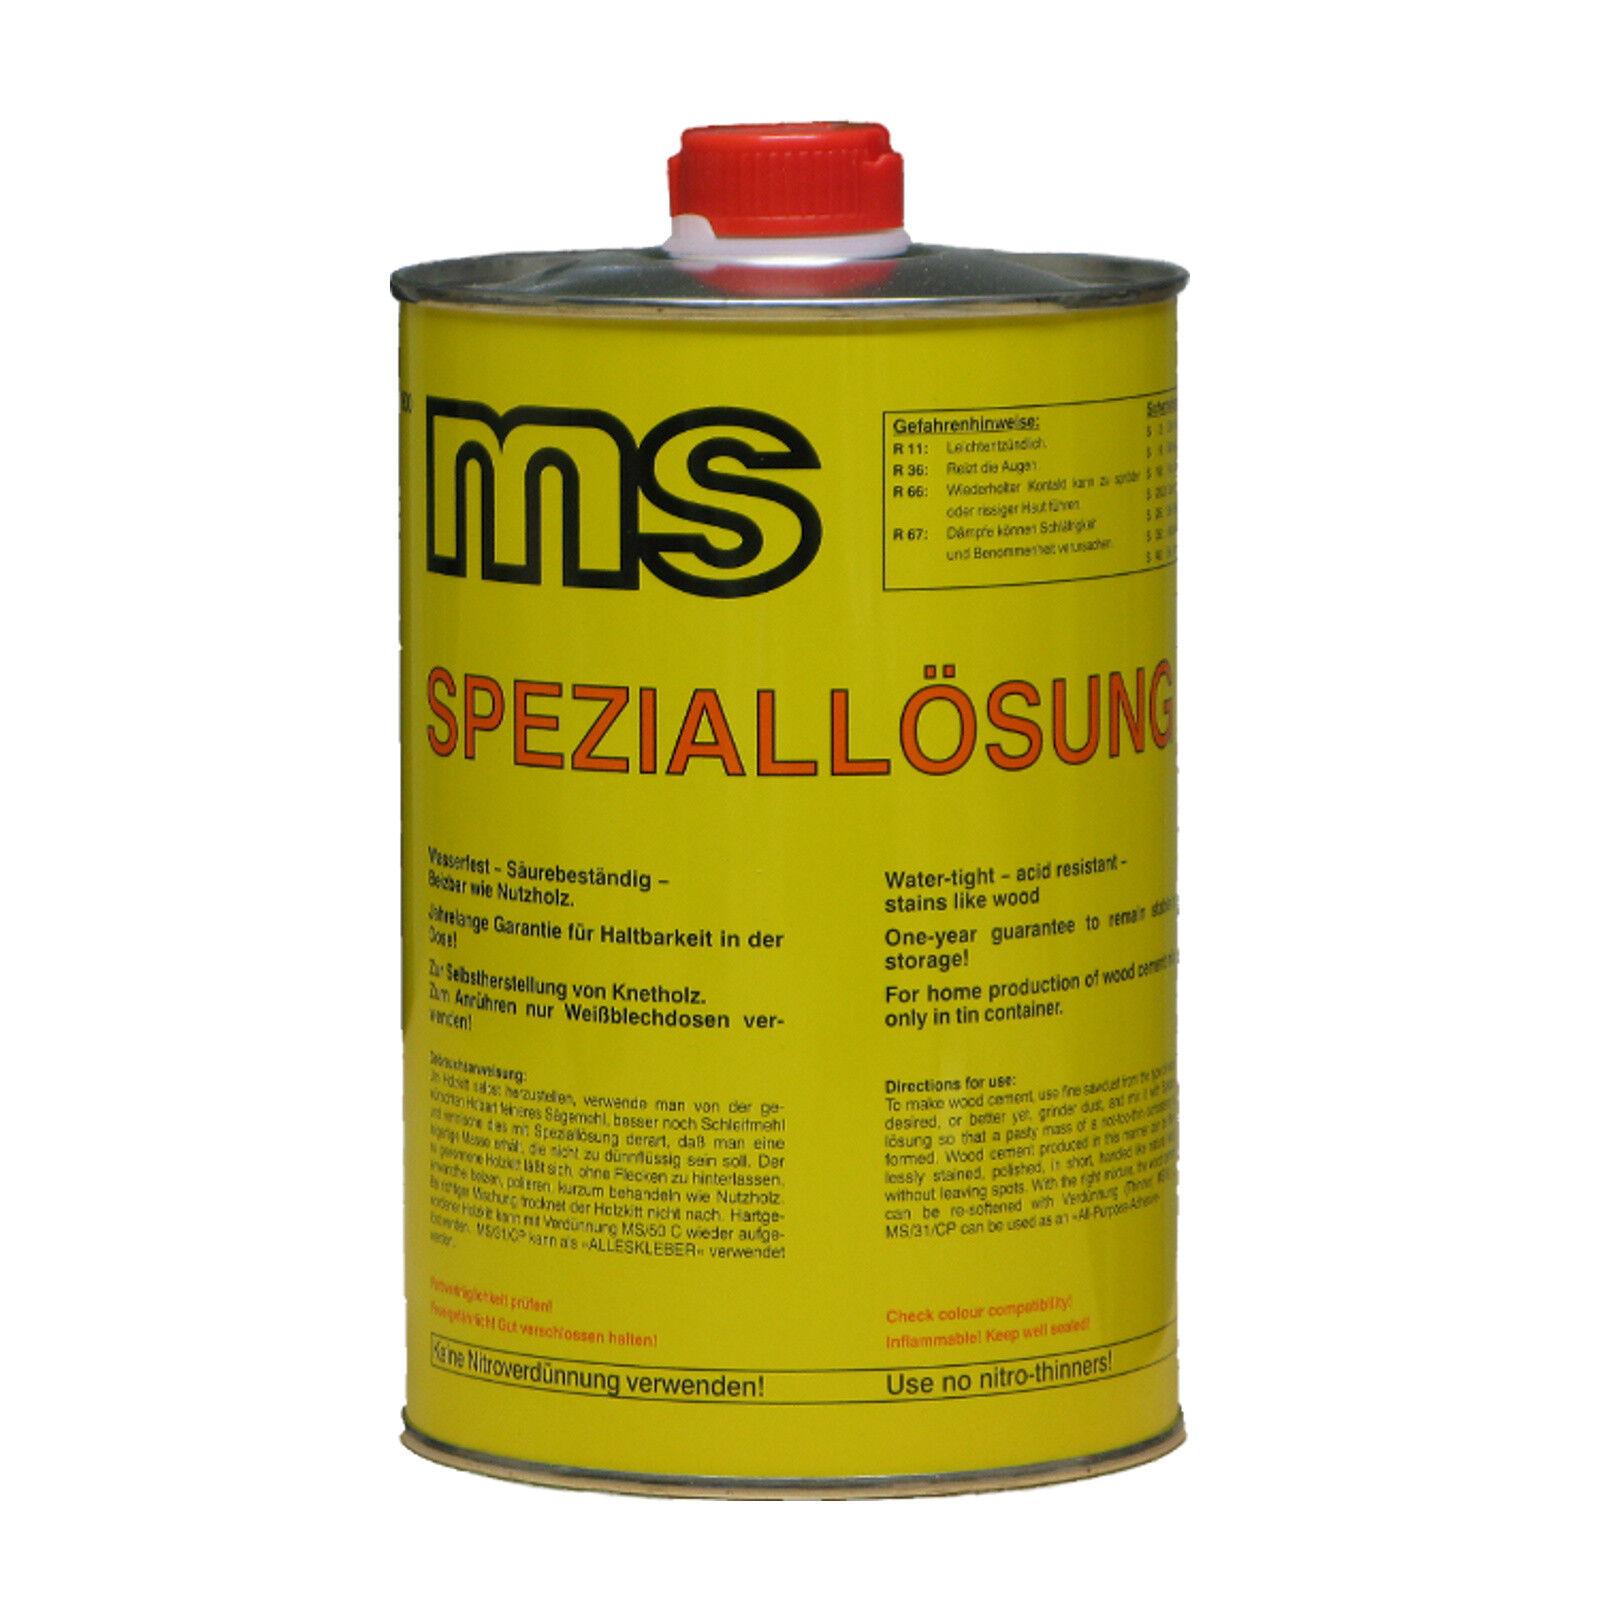 holzkitt speziallösung ms/31 cp, holzspachtel selber machen